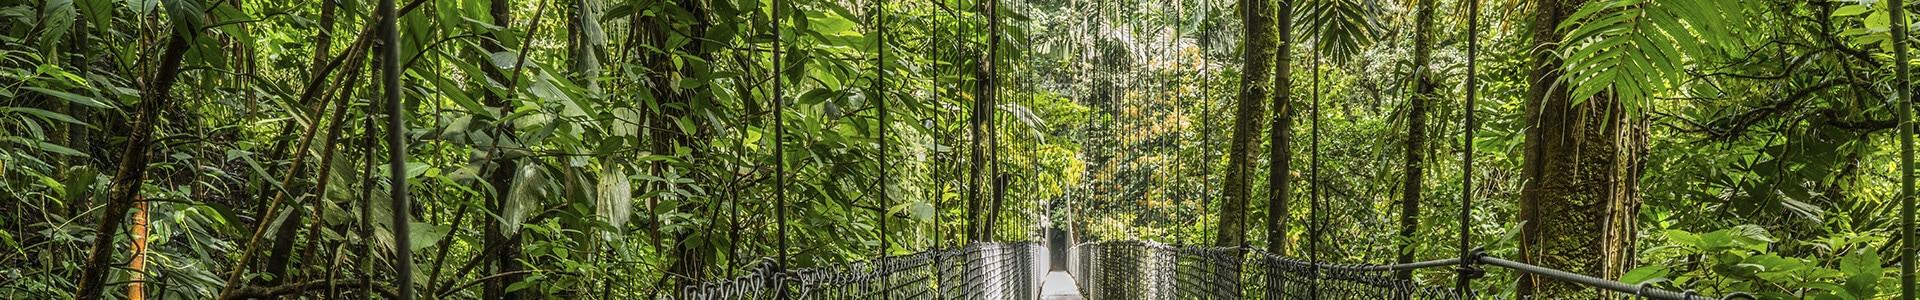 Voyage au Costa Rica - TUI